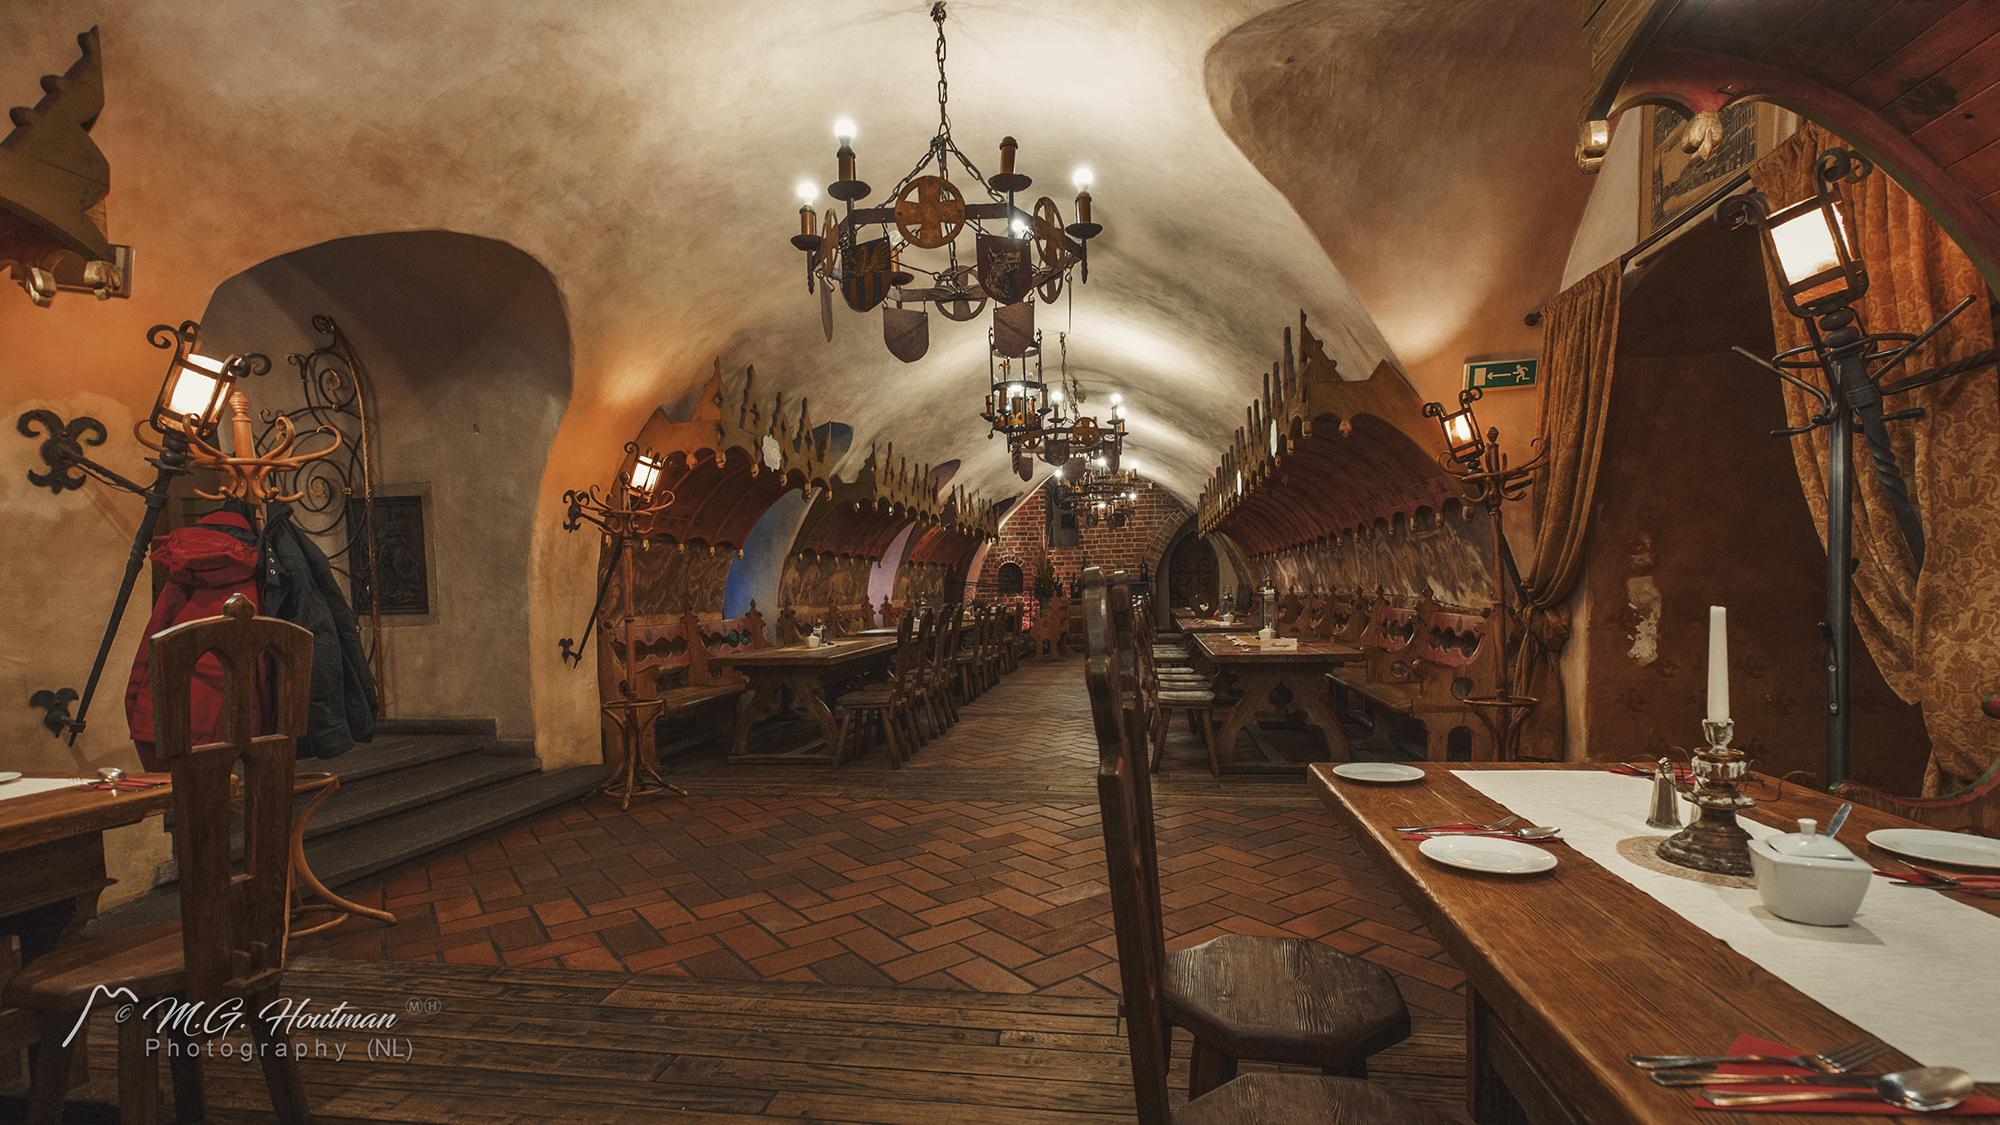 Restaurant Piwnica Świdnicka - Wroclaw